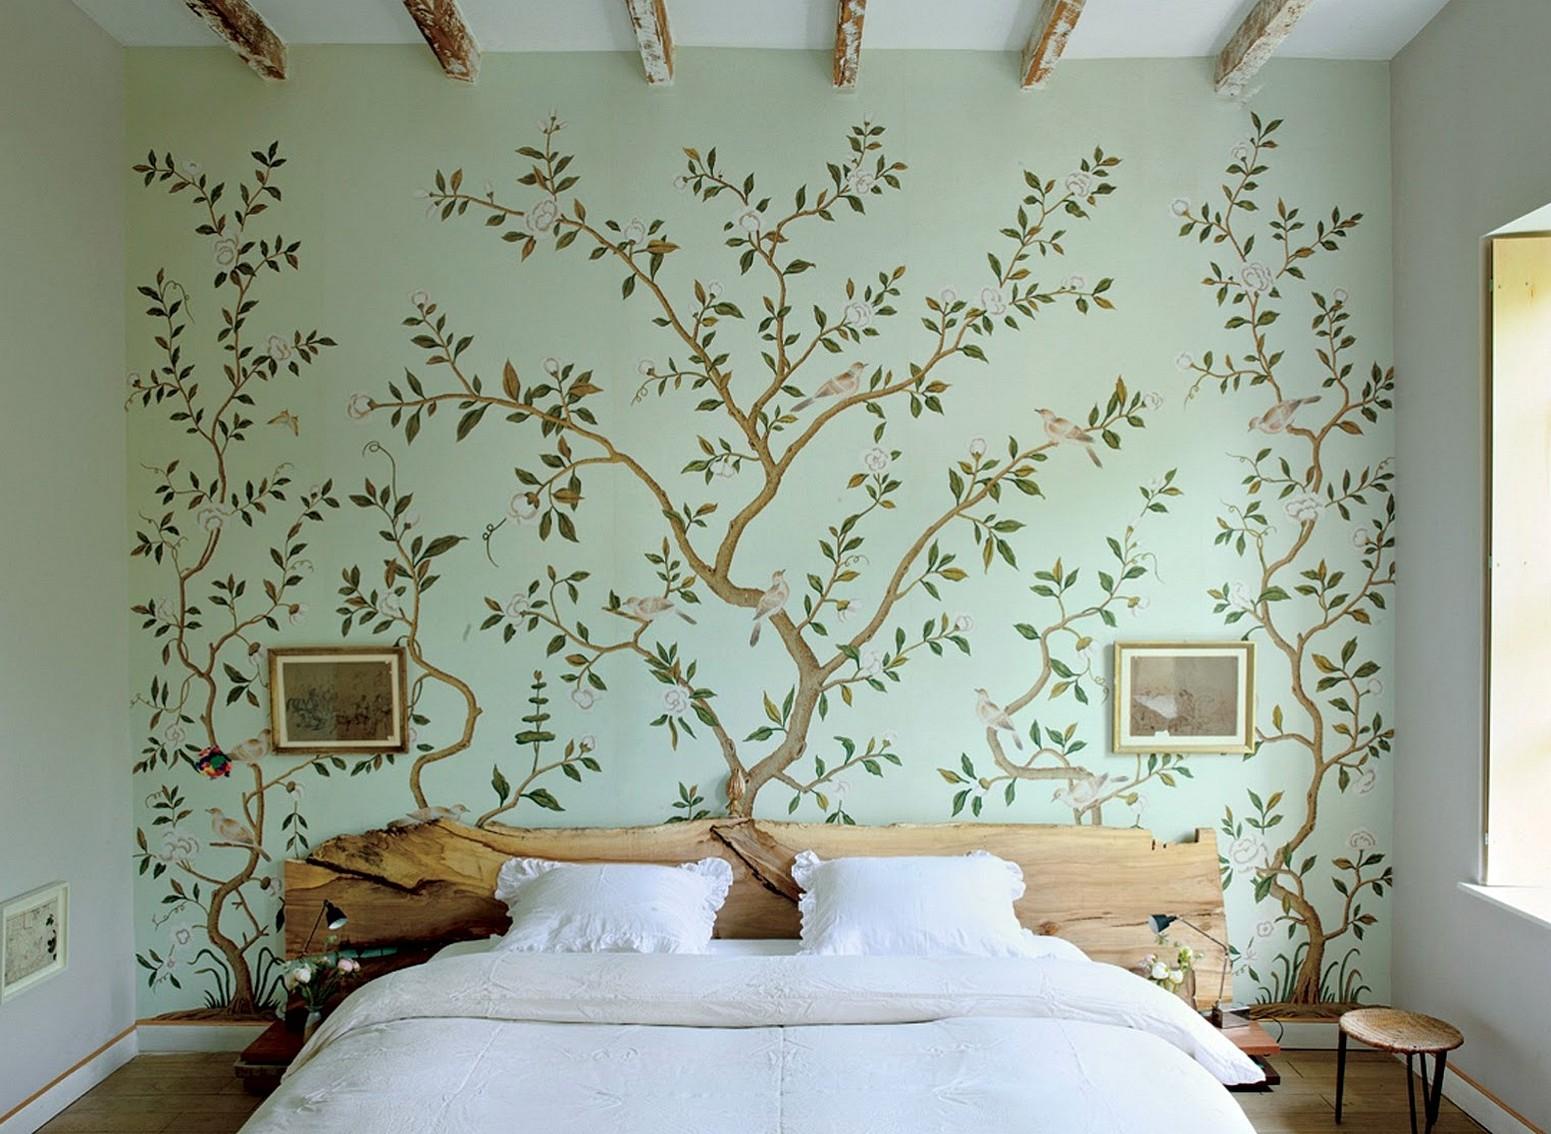 фотообои над кроватью дерево в интерьере спальни